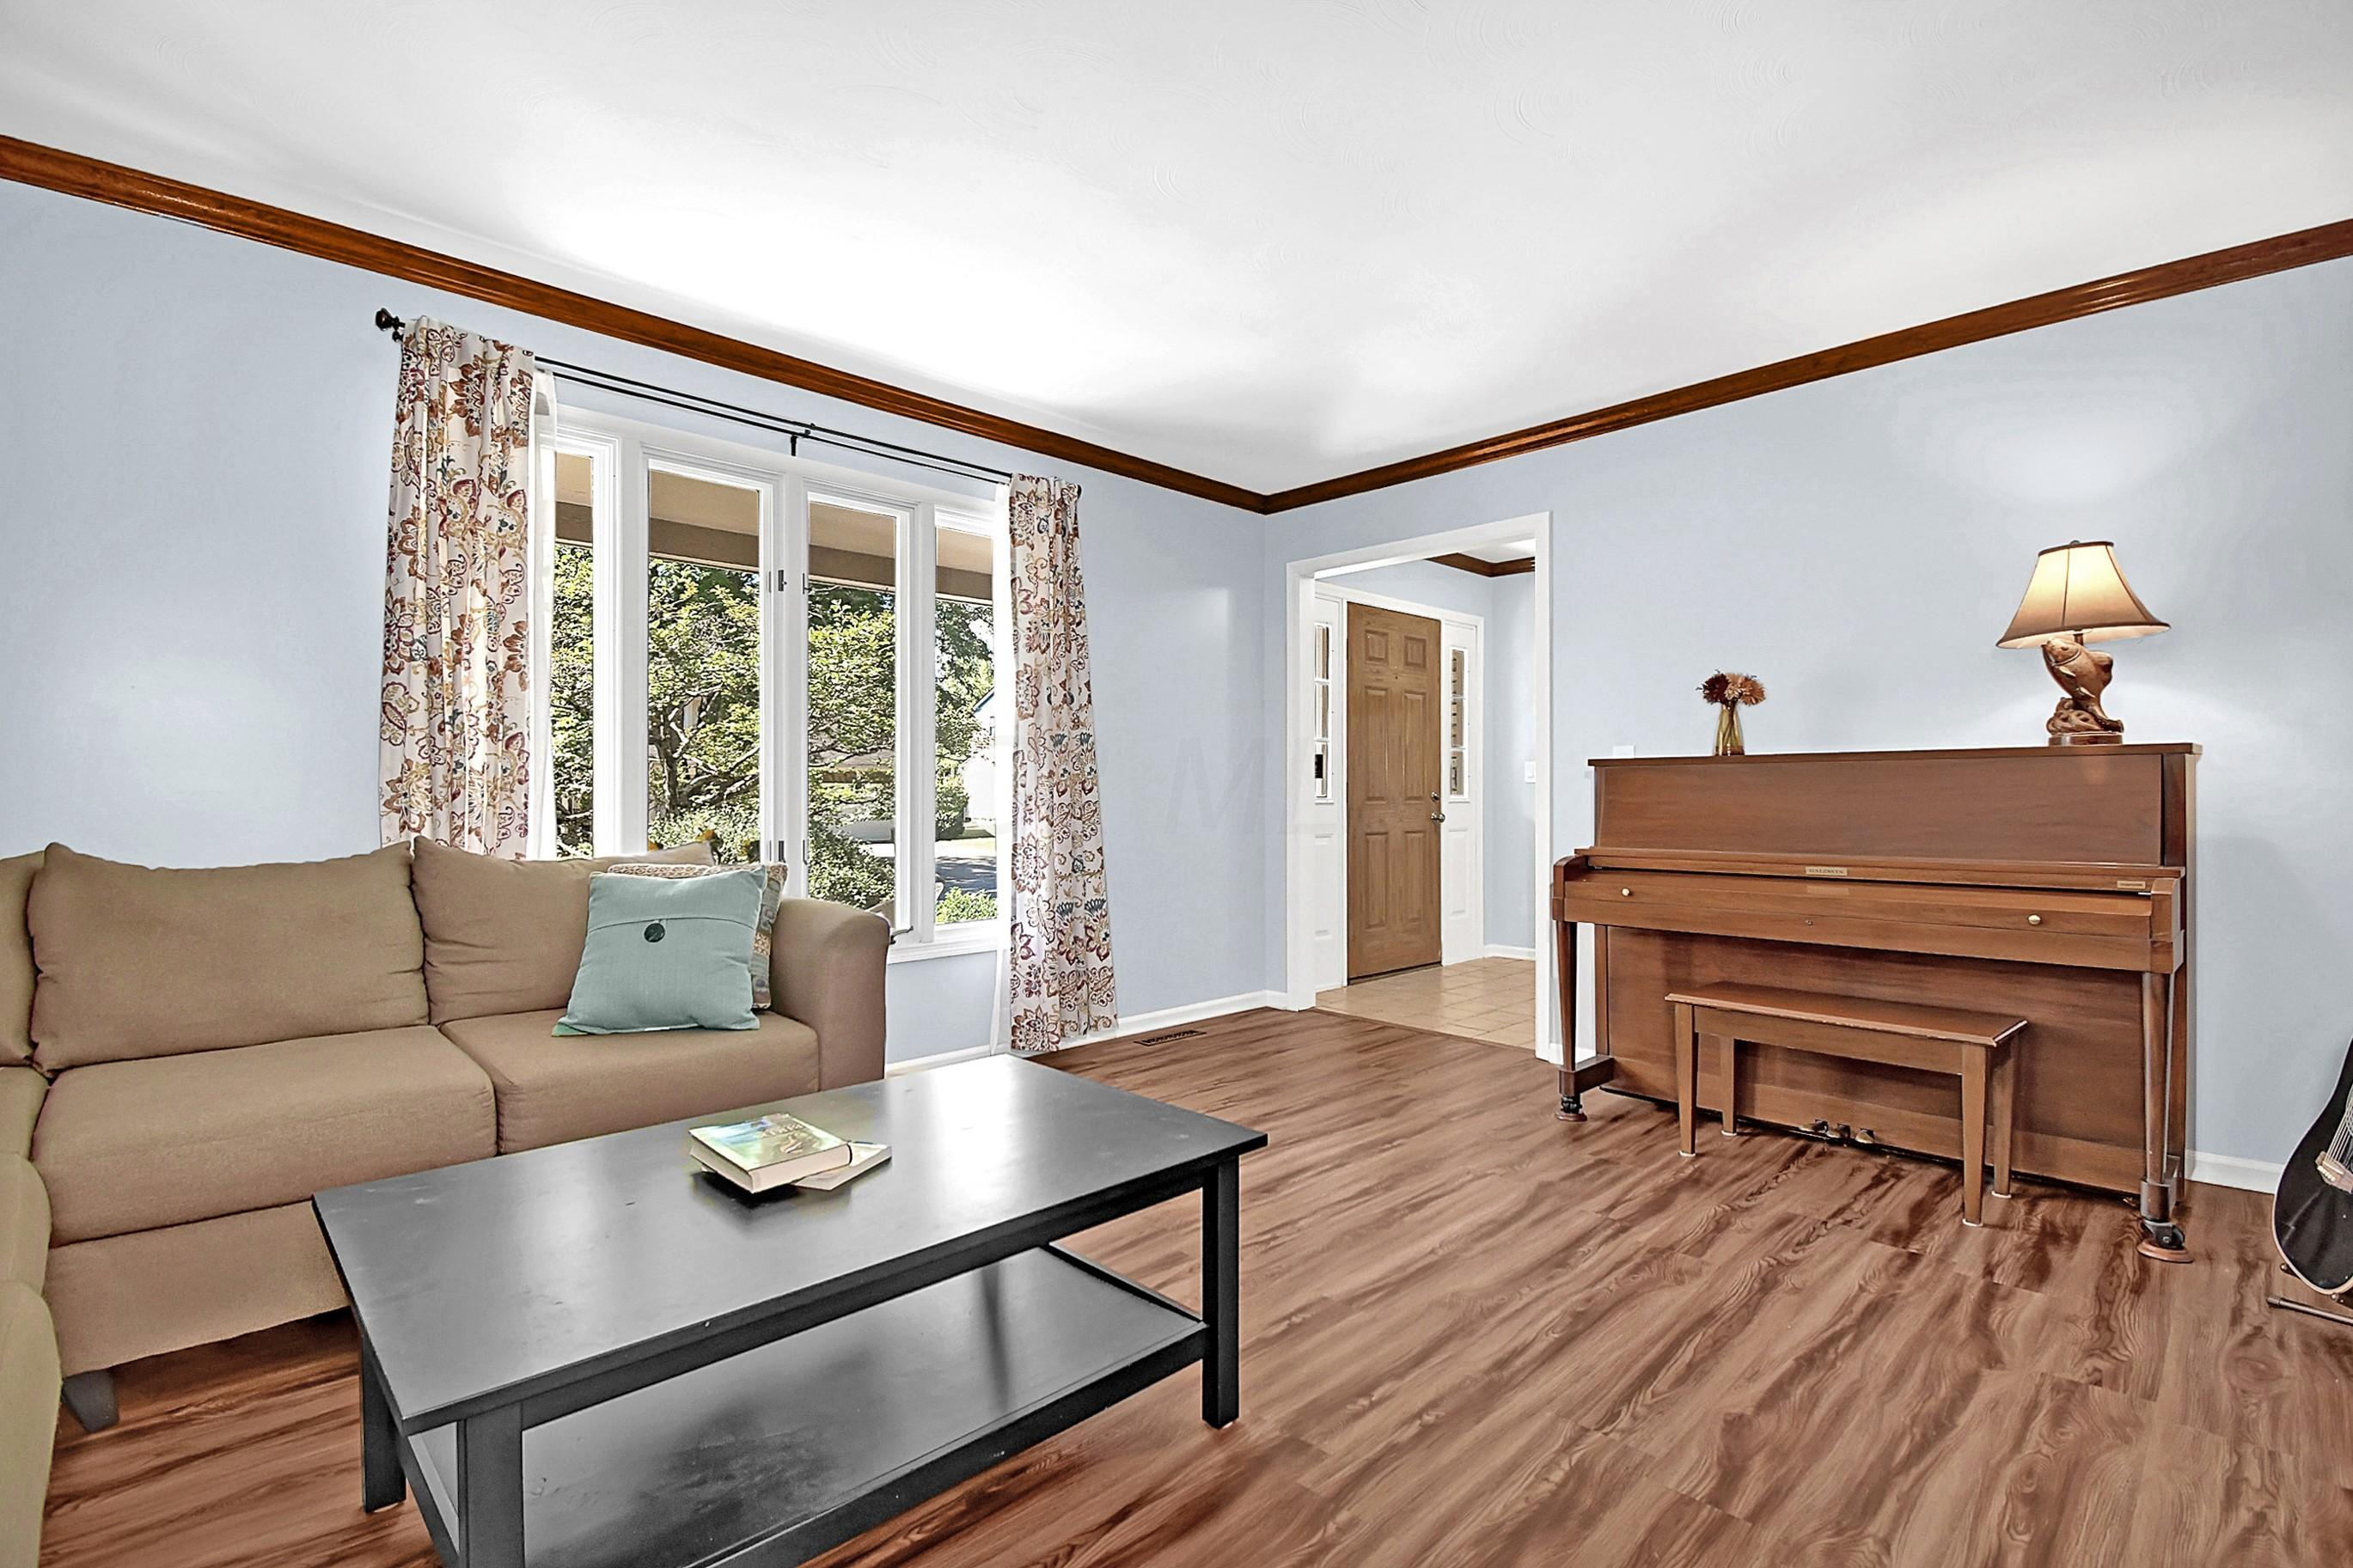 7579 Deer Creek Drive, Worthington, Ohio 43085, 4 Bedrooms Bedrooms, ,3 BathroomsBathrooms,Residential,For Sale,Deer Creek,220024883